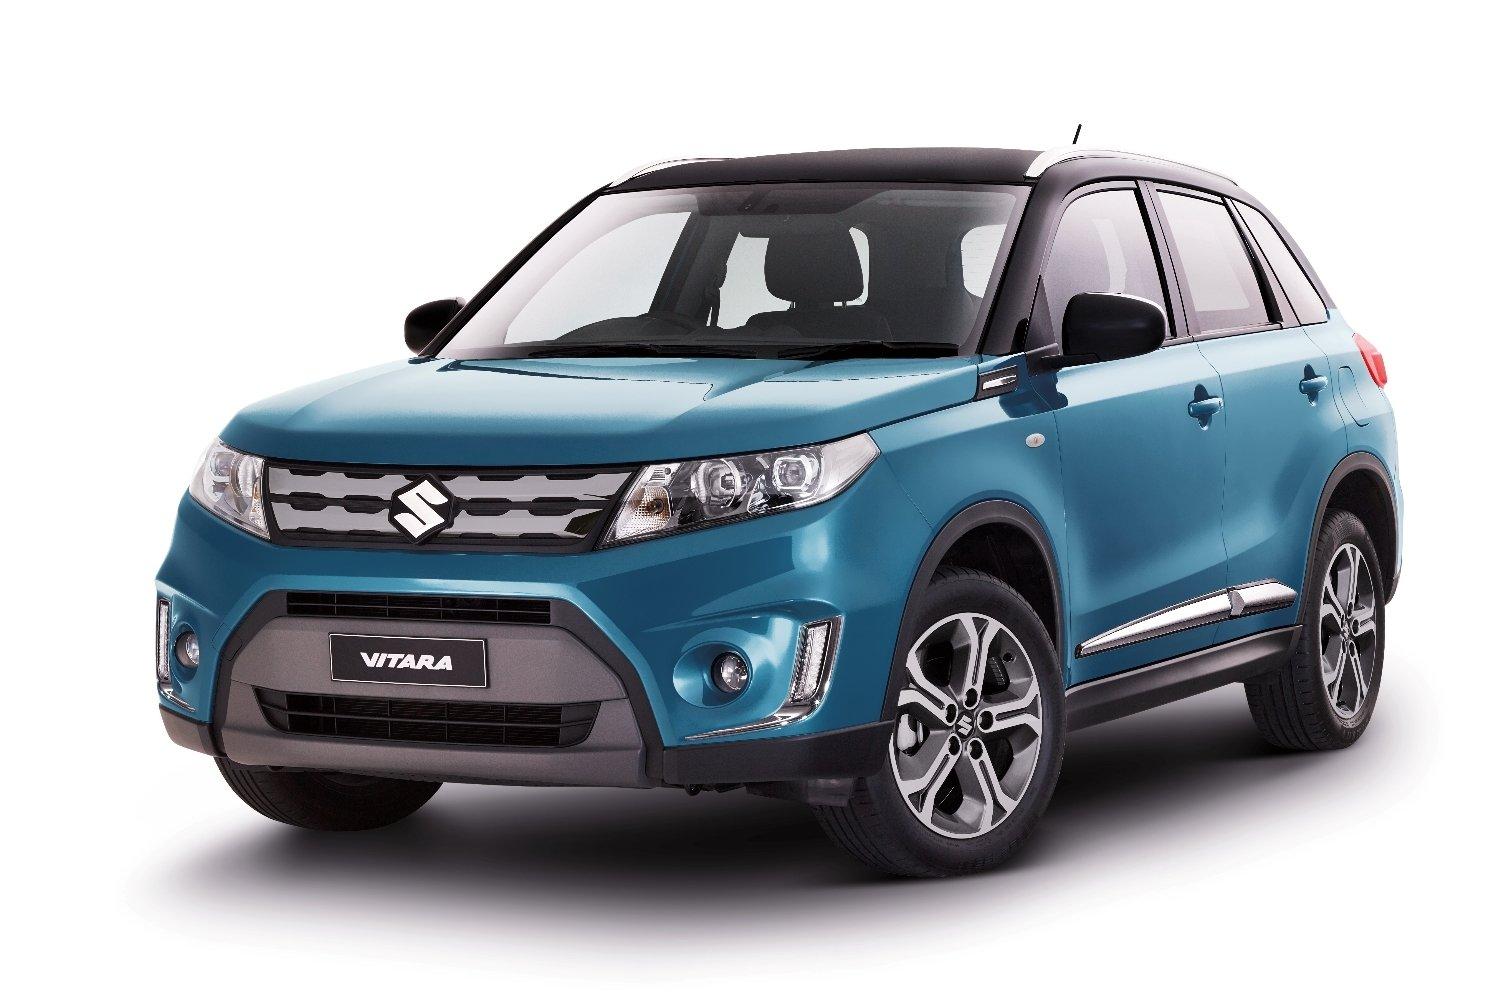 Suzuki Vitara RT-S 30th Anniversary Edition